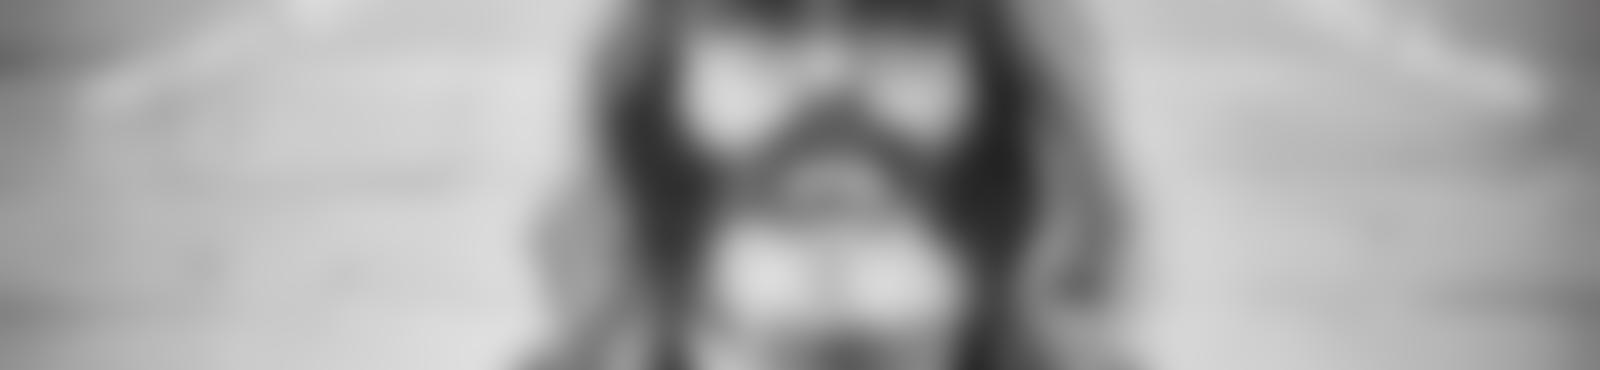 Blurred 478a6c23 0911 479d 9483 2c1dea29d648